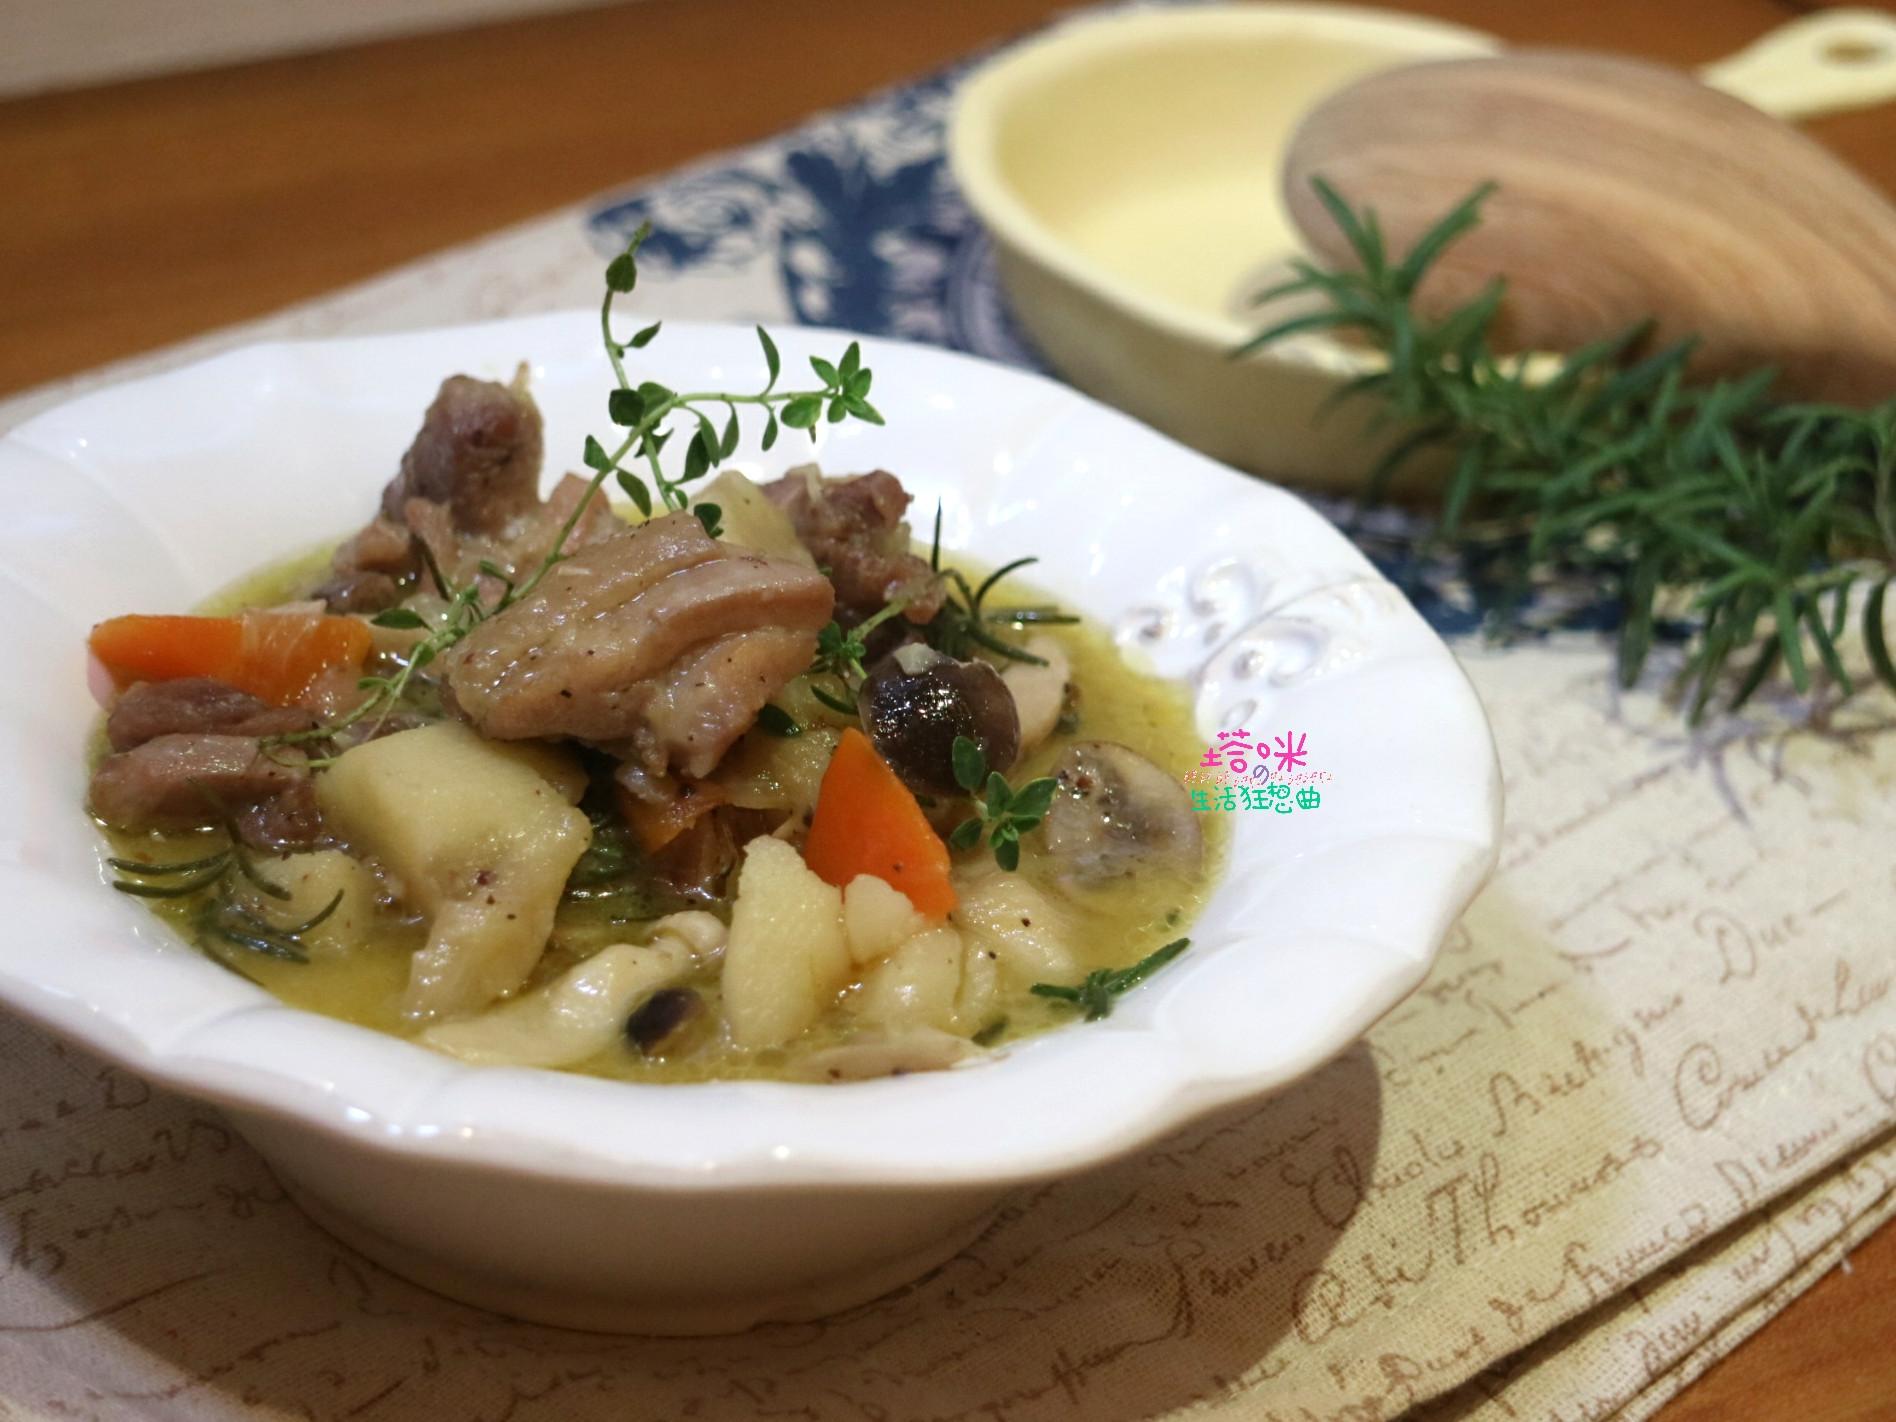 菇菇馬鈴薯燉雞【一鍋煮】